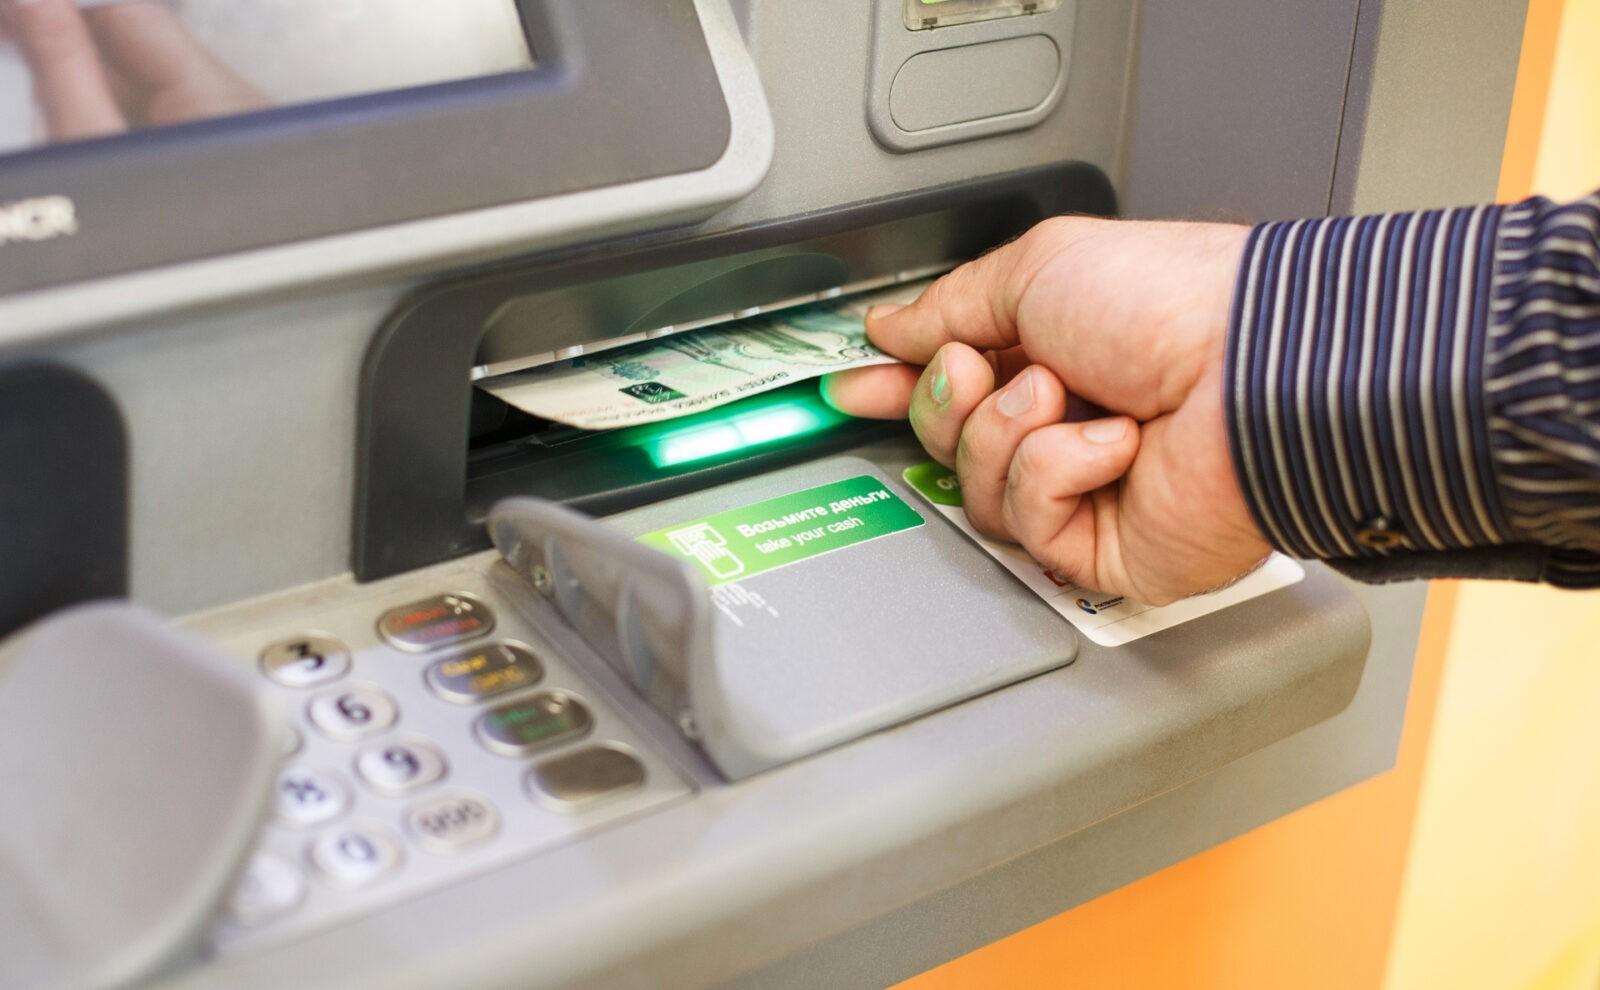 У невнимательного жителя Твери украли деньги из банкомата